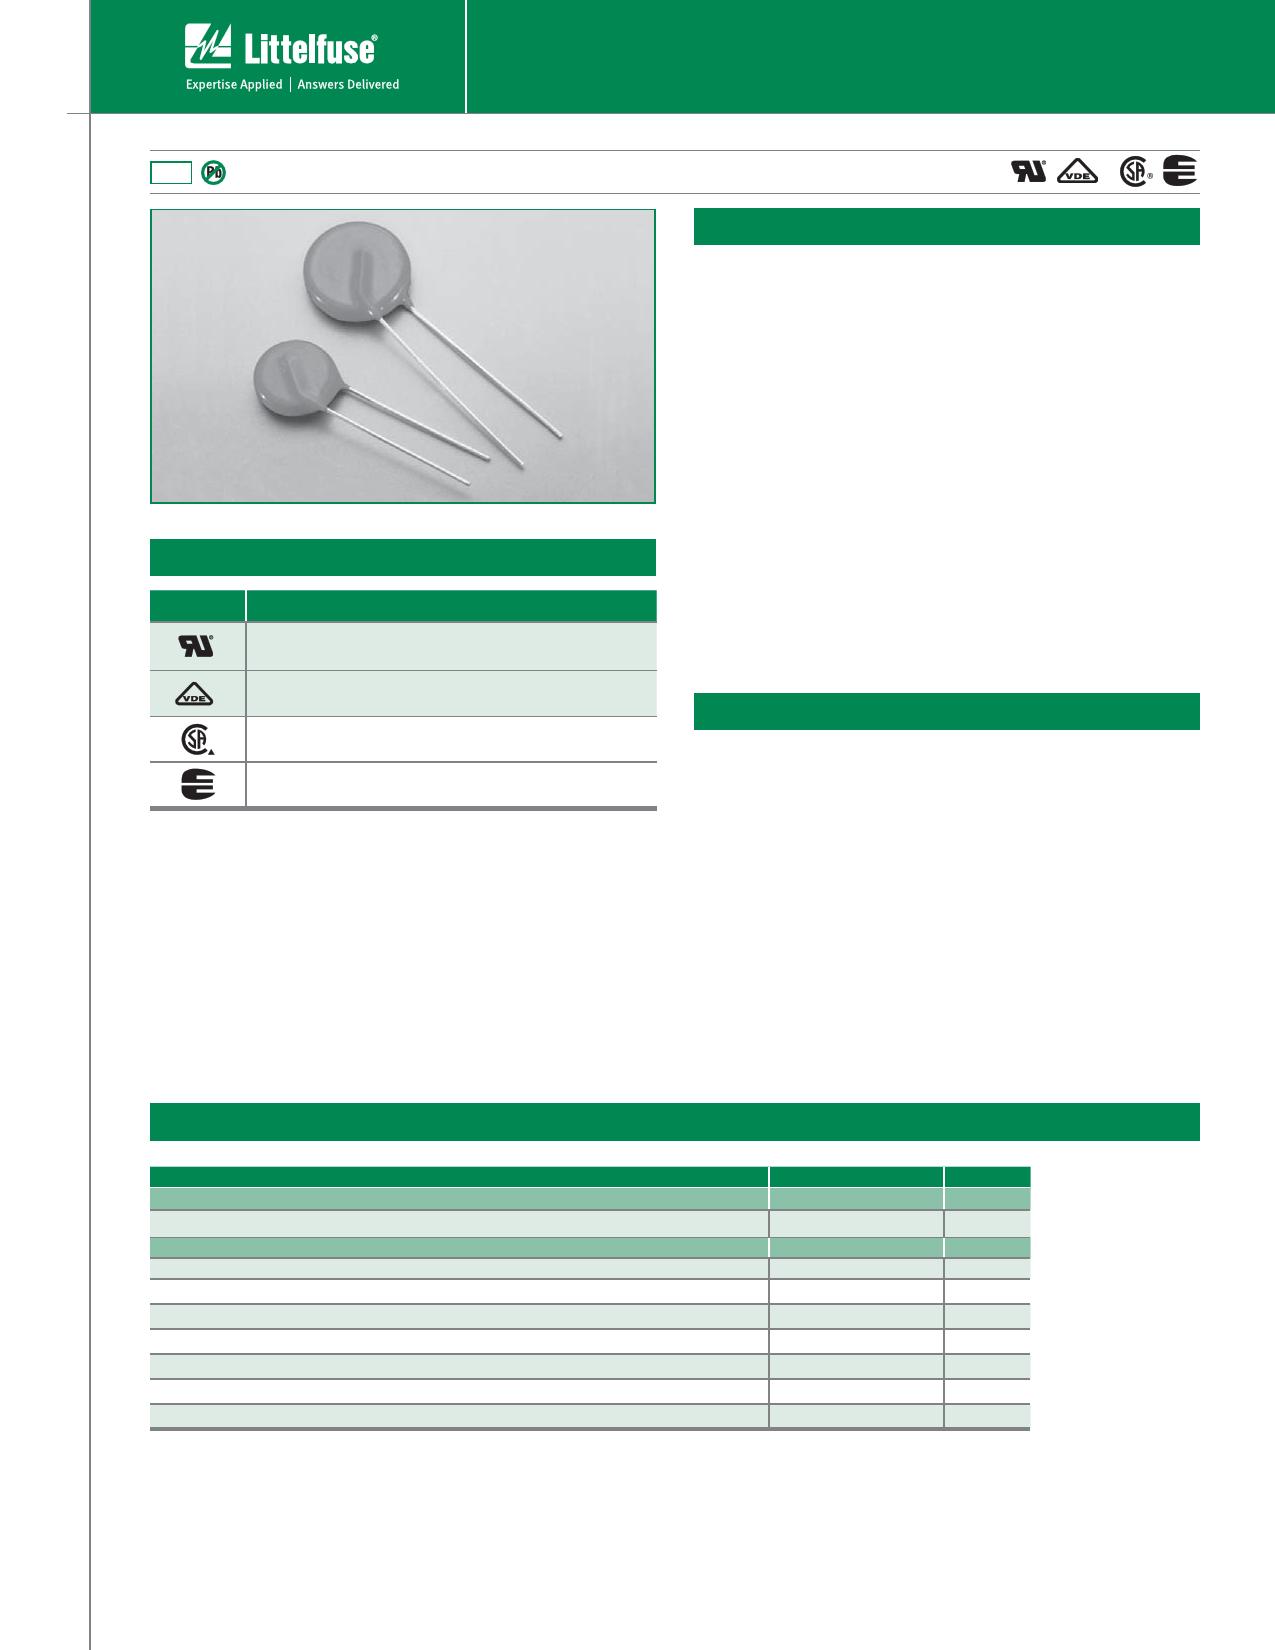 V07E320 datasheet